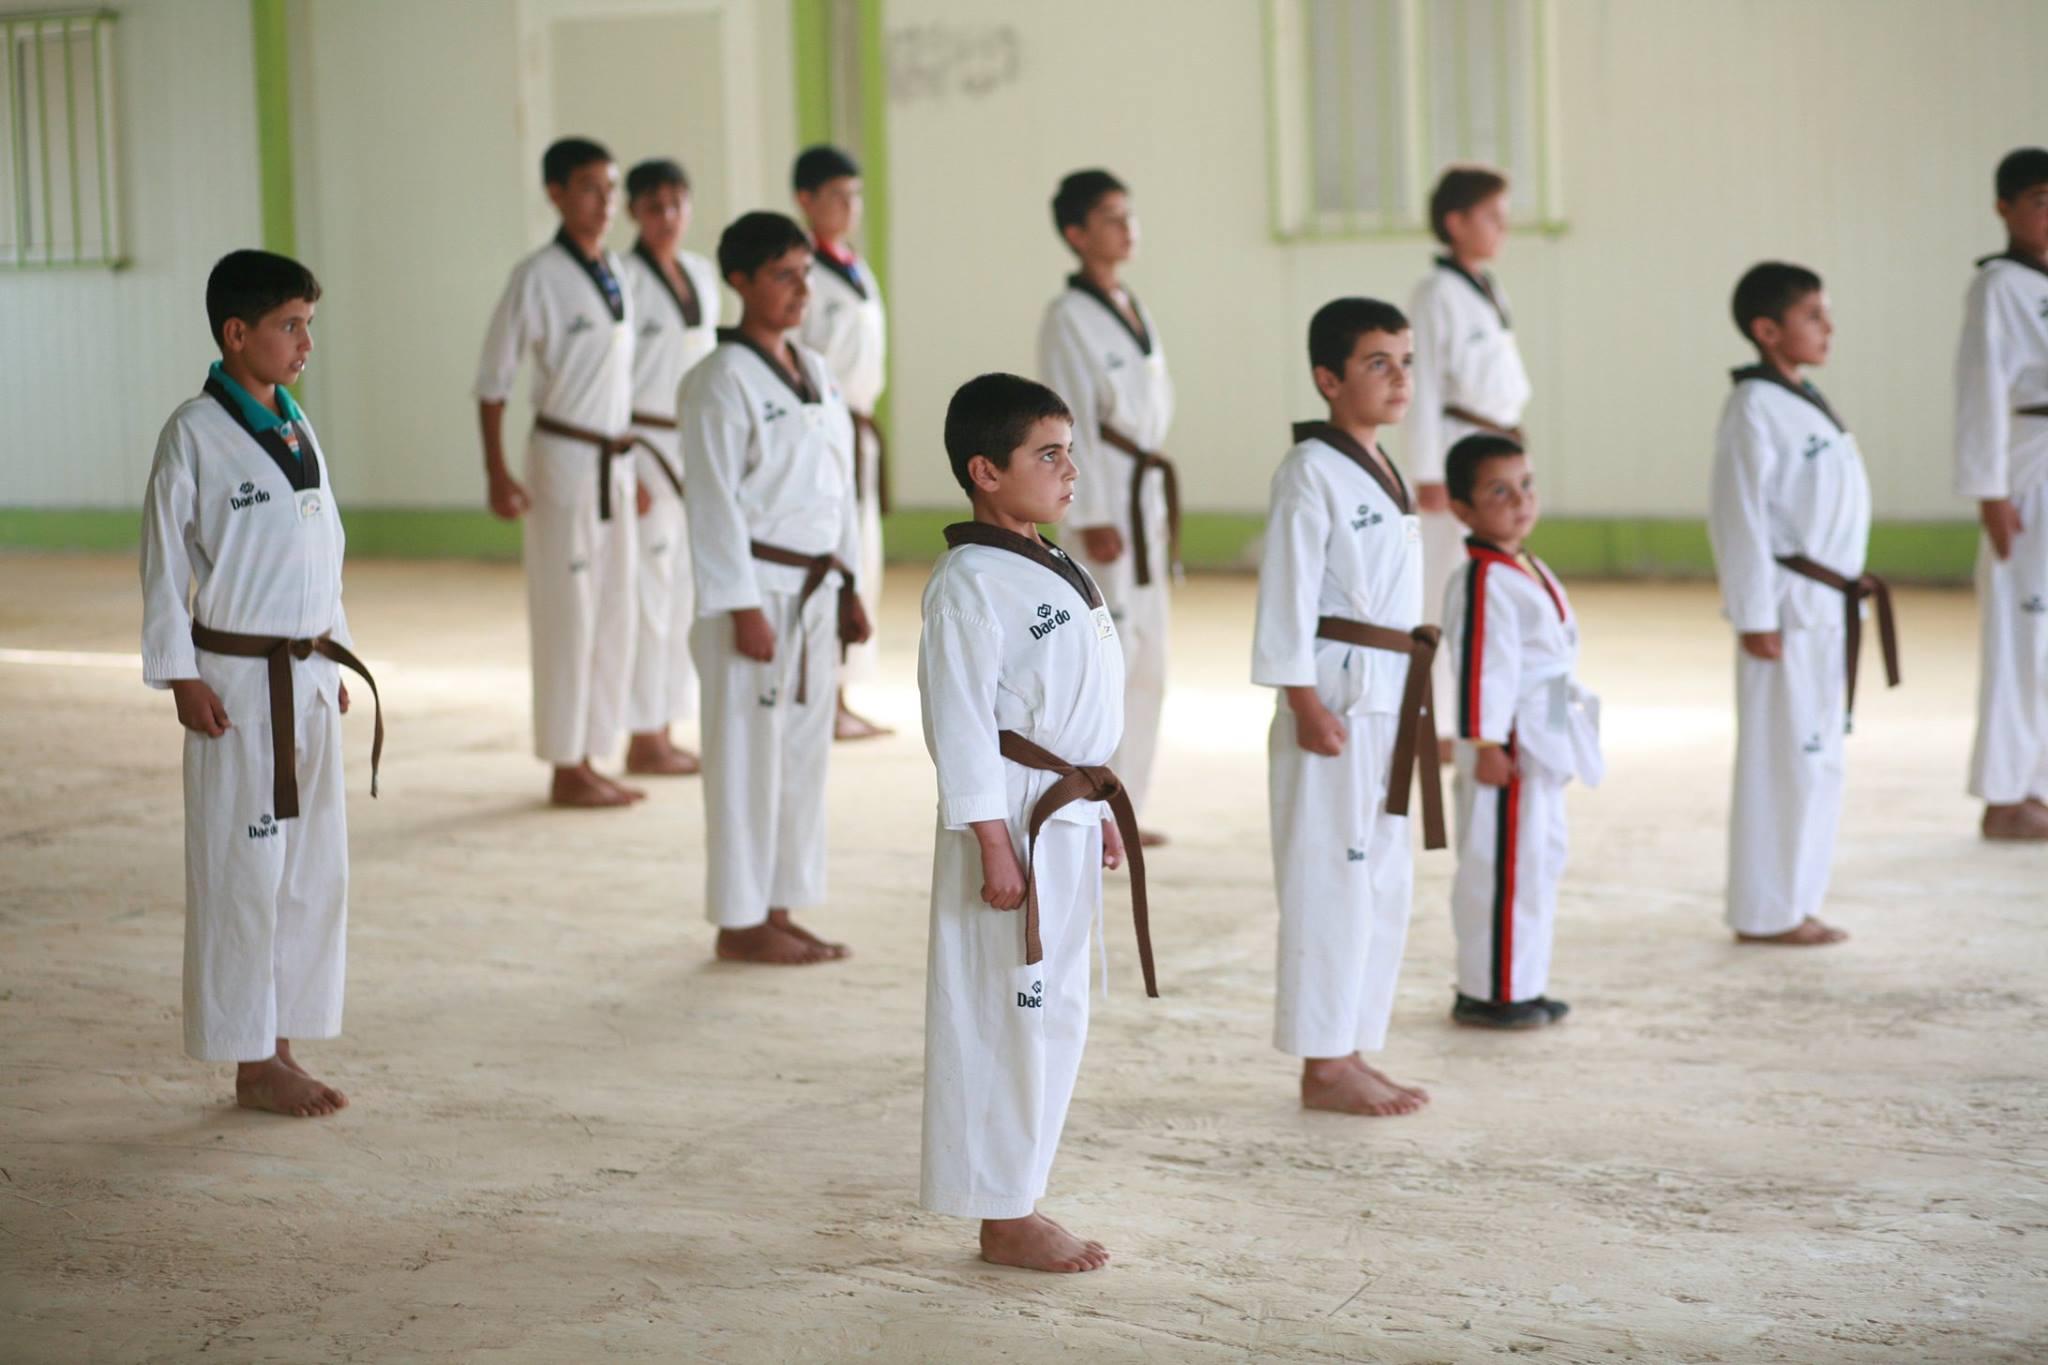 Photo Credits: Zaatari Taekwondo Academy - KFHI, Jordan